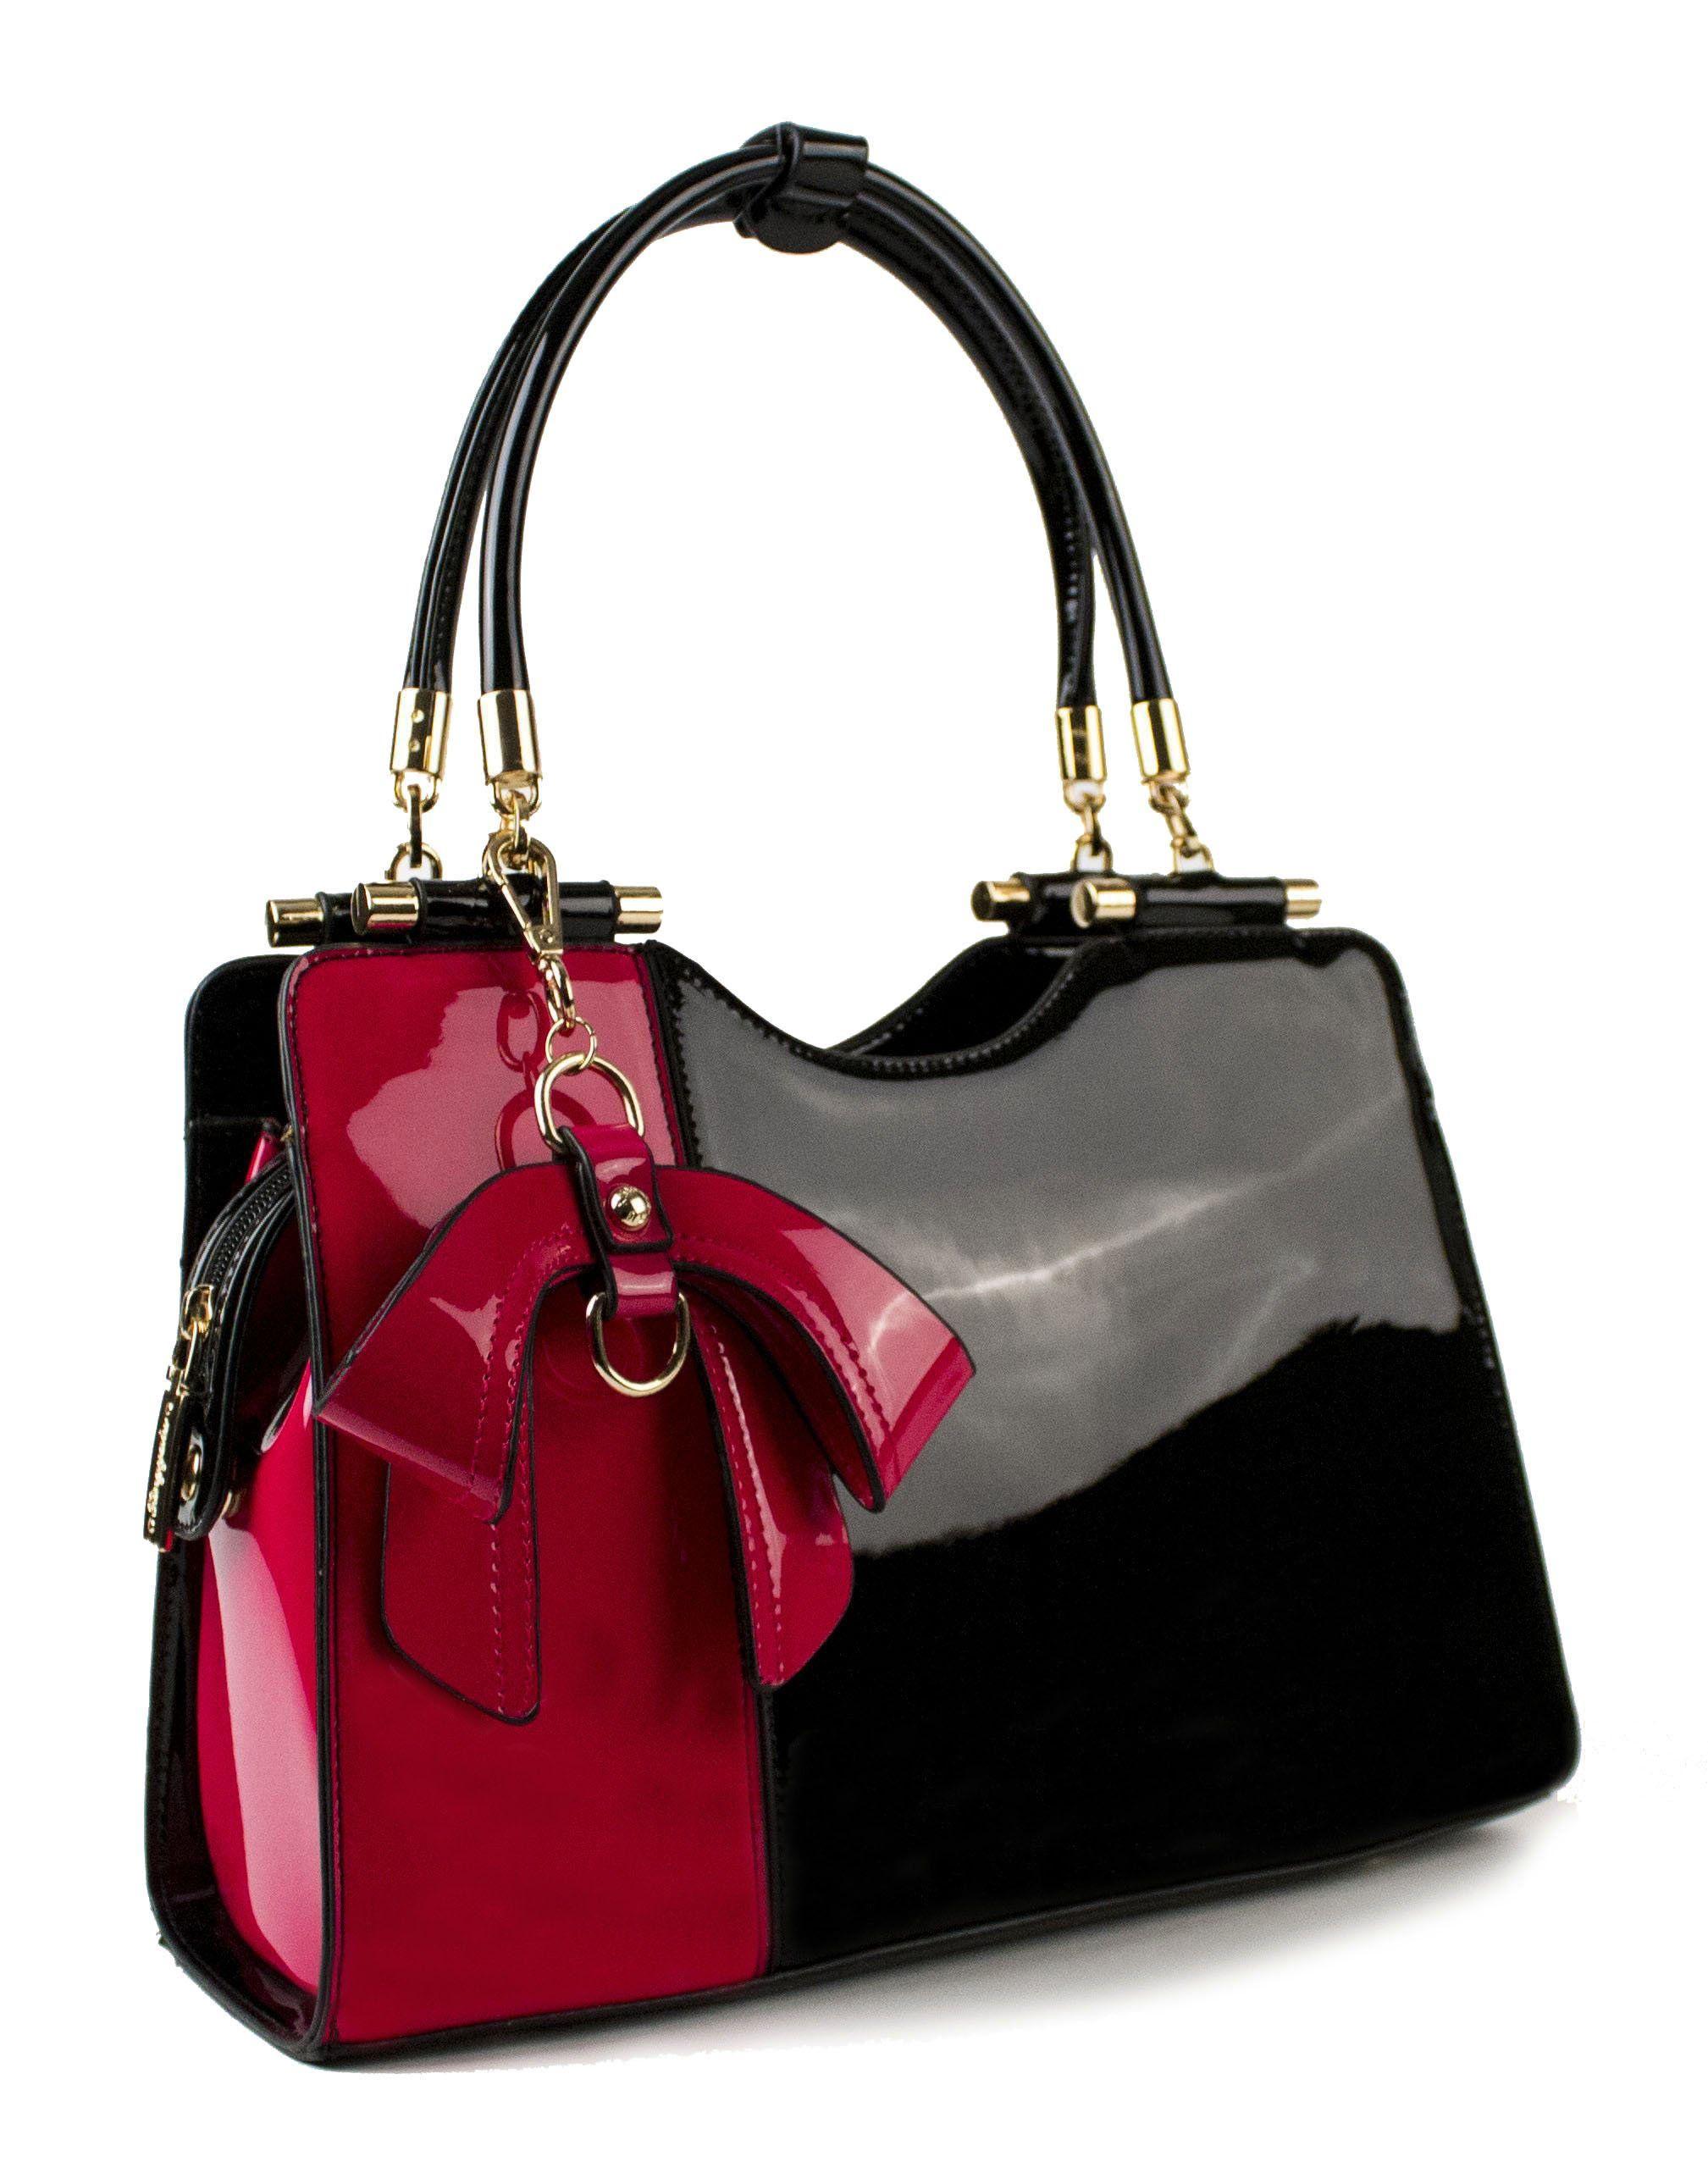 ab6908faad Scarleton Elegant Two Tone Satchel H14232901. Scarleton Elegant Two Tone  Satchel H14232901 Gold Handbags